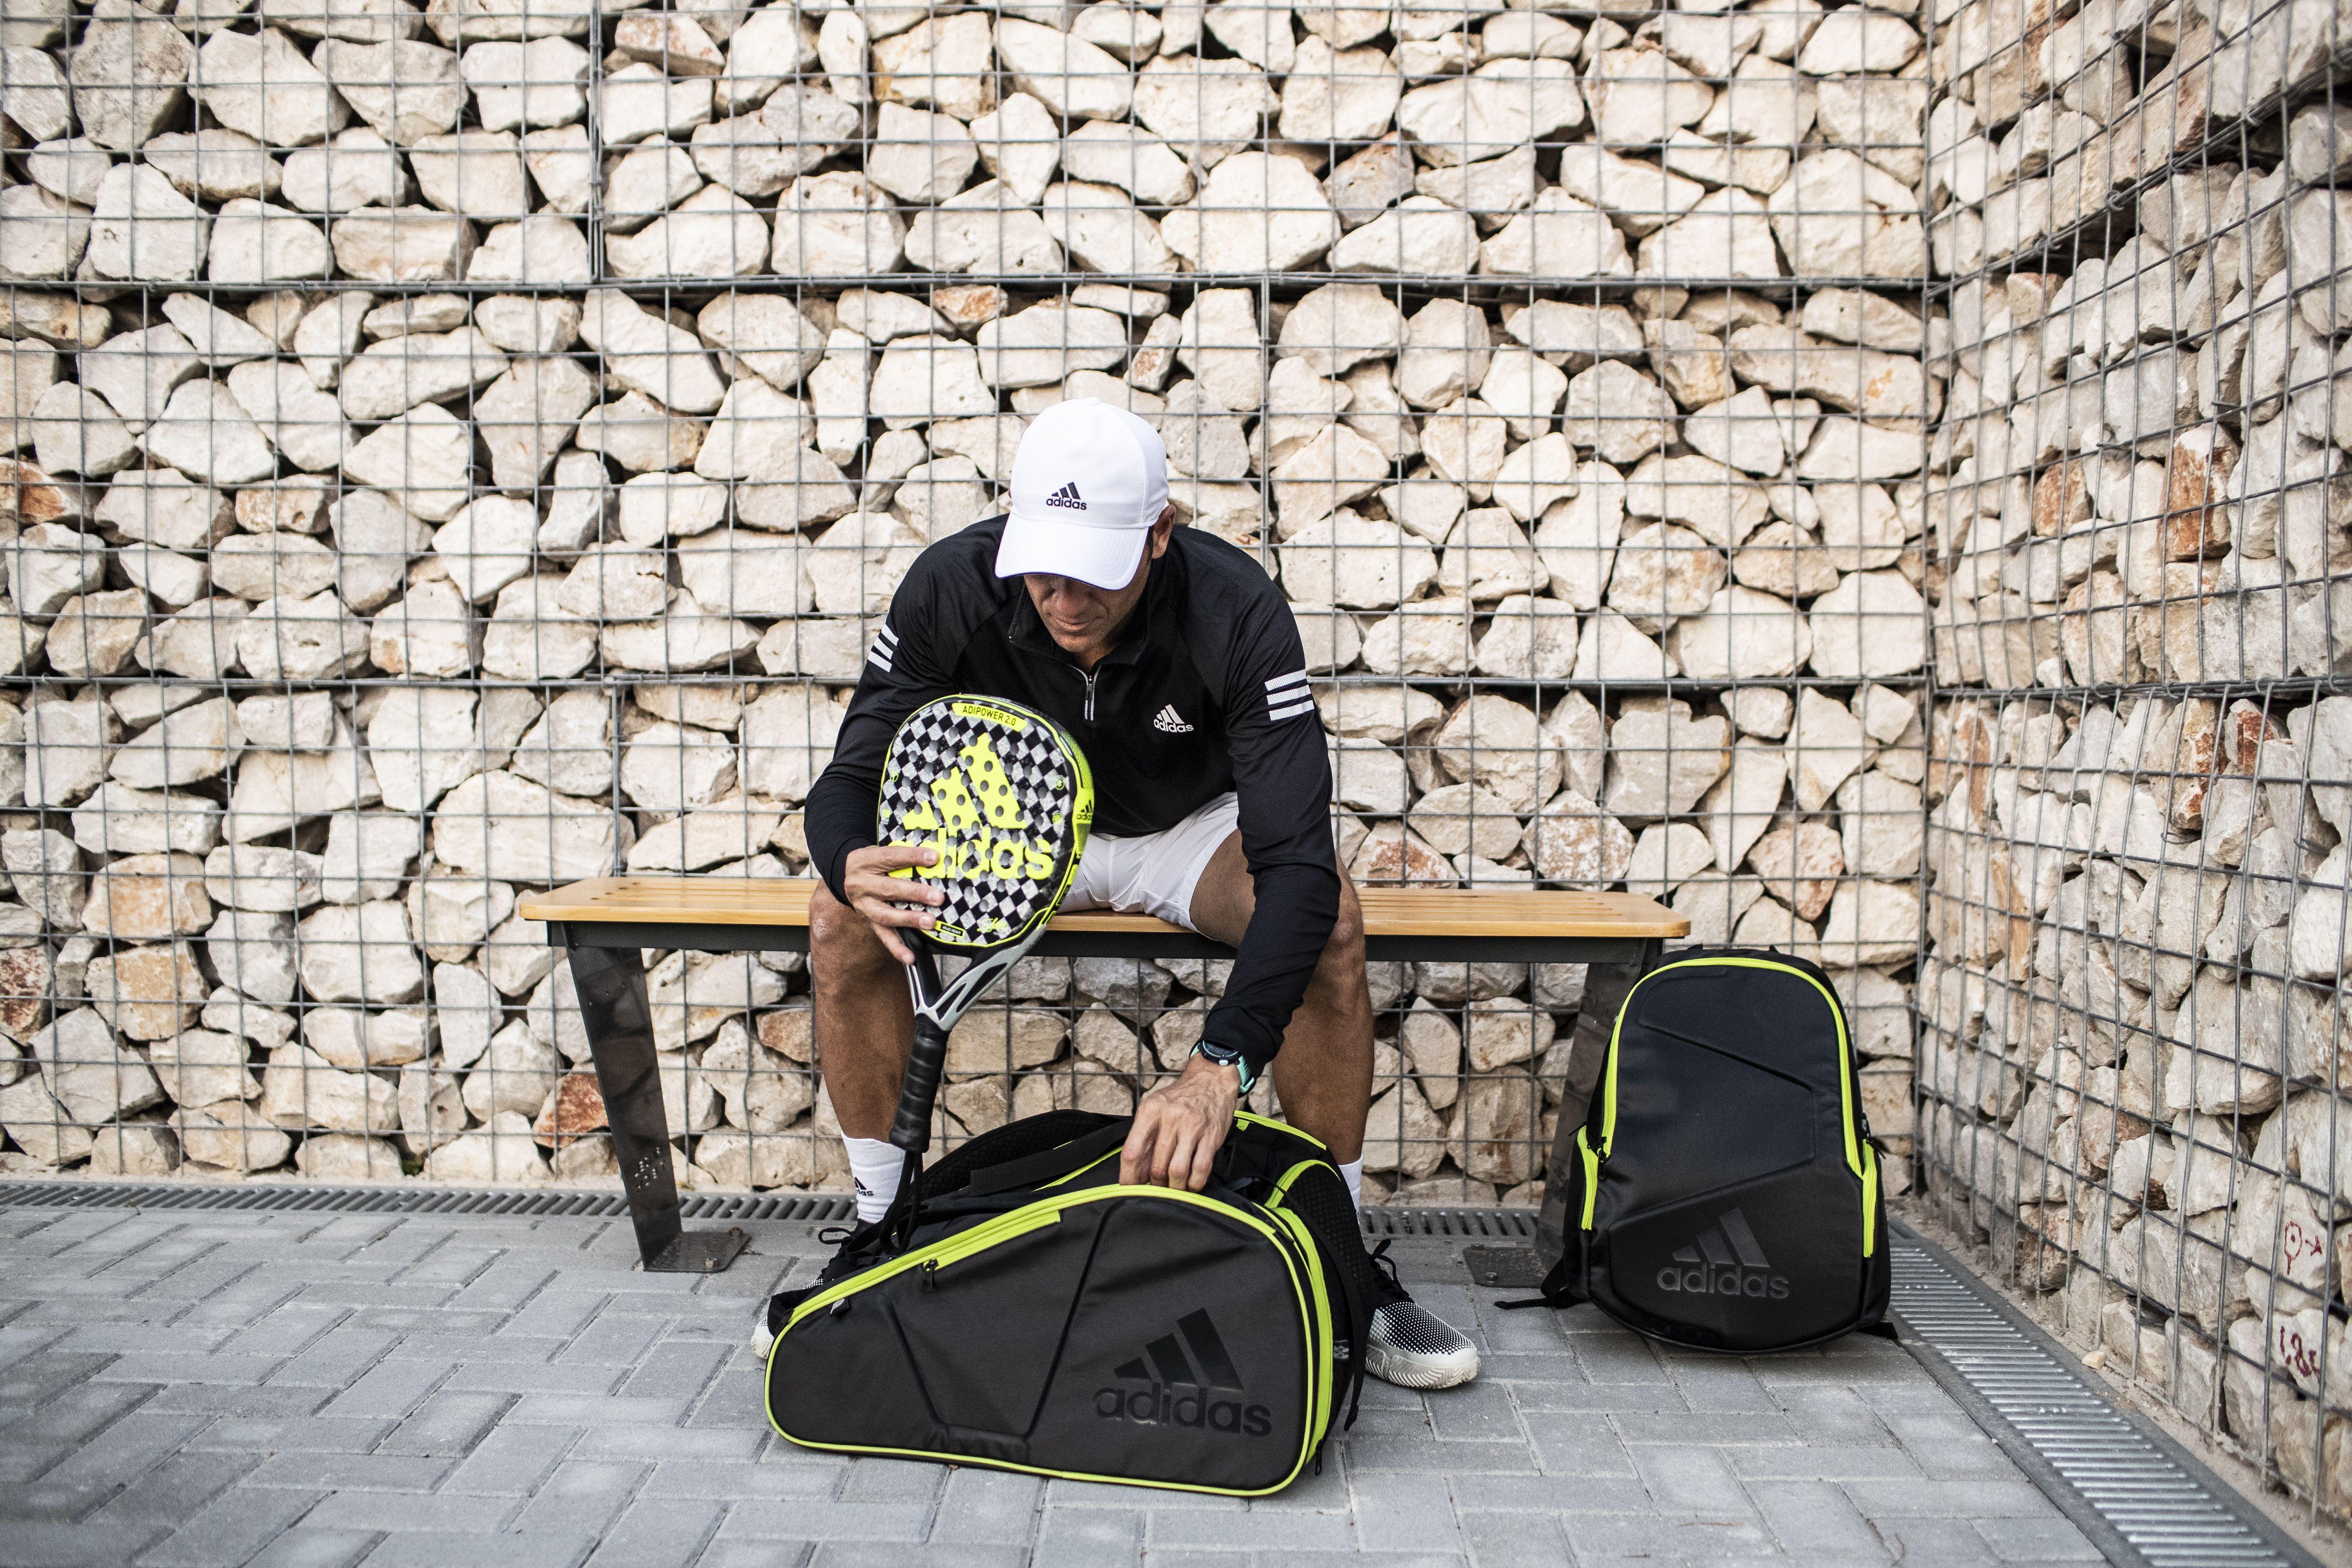 Seba Nerone con su nueva pala Adidas Adipower.   Foto: Adidas Padel